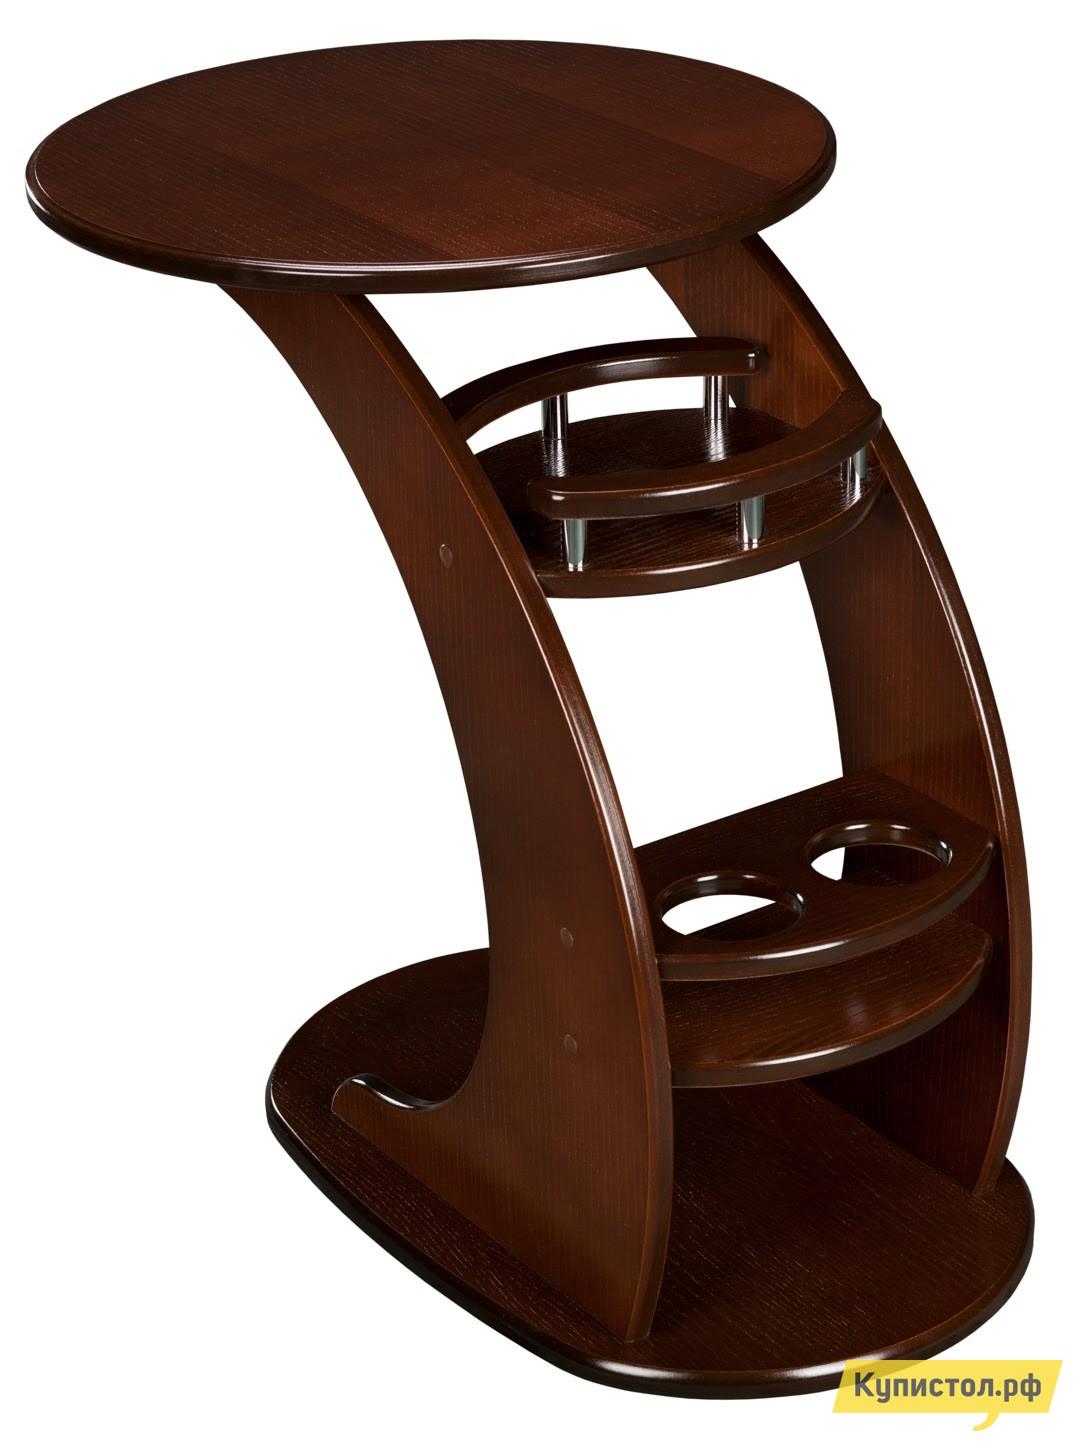 Сервировочный столик Висан Придиванный столик Люкс Орех шпон